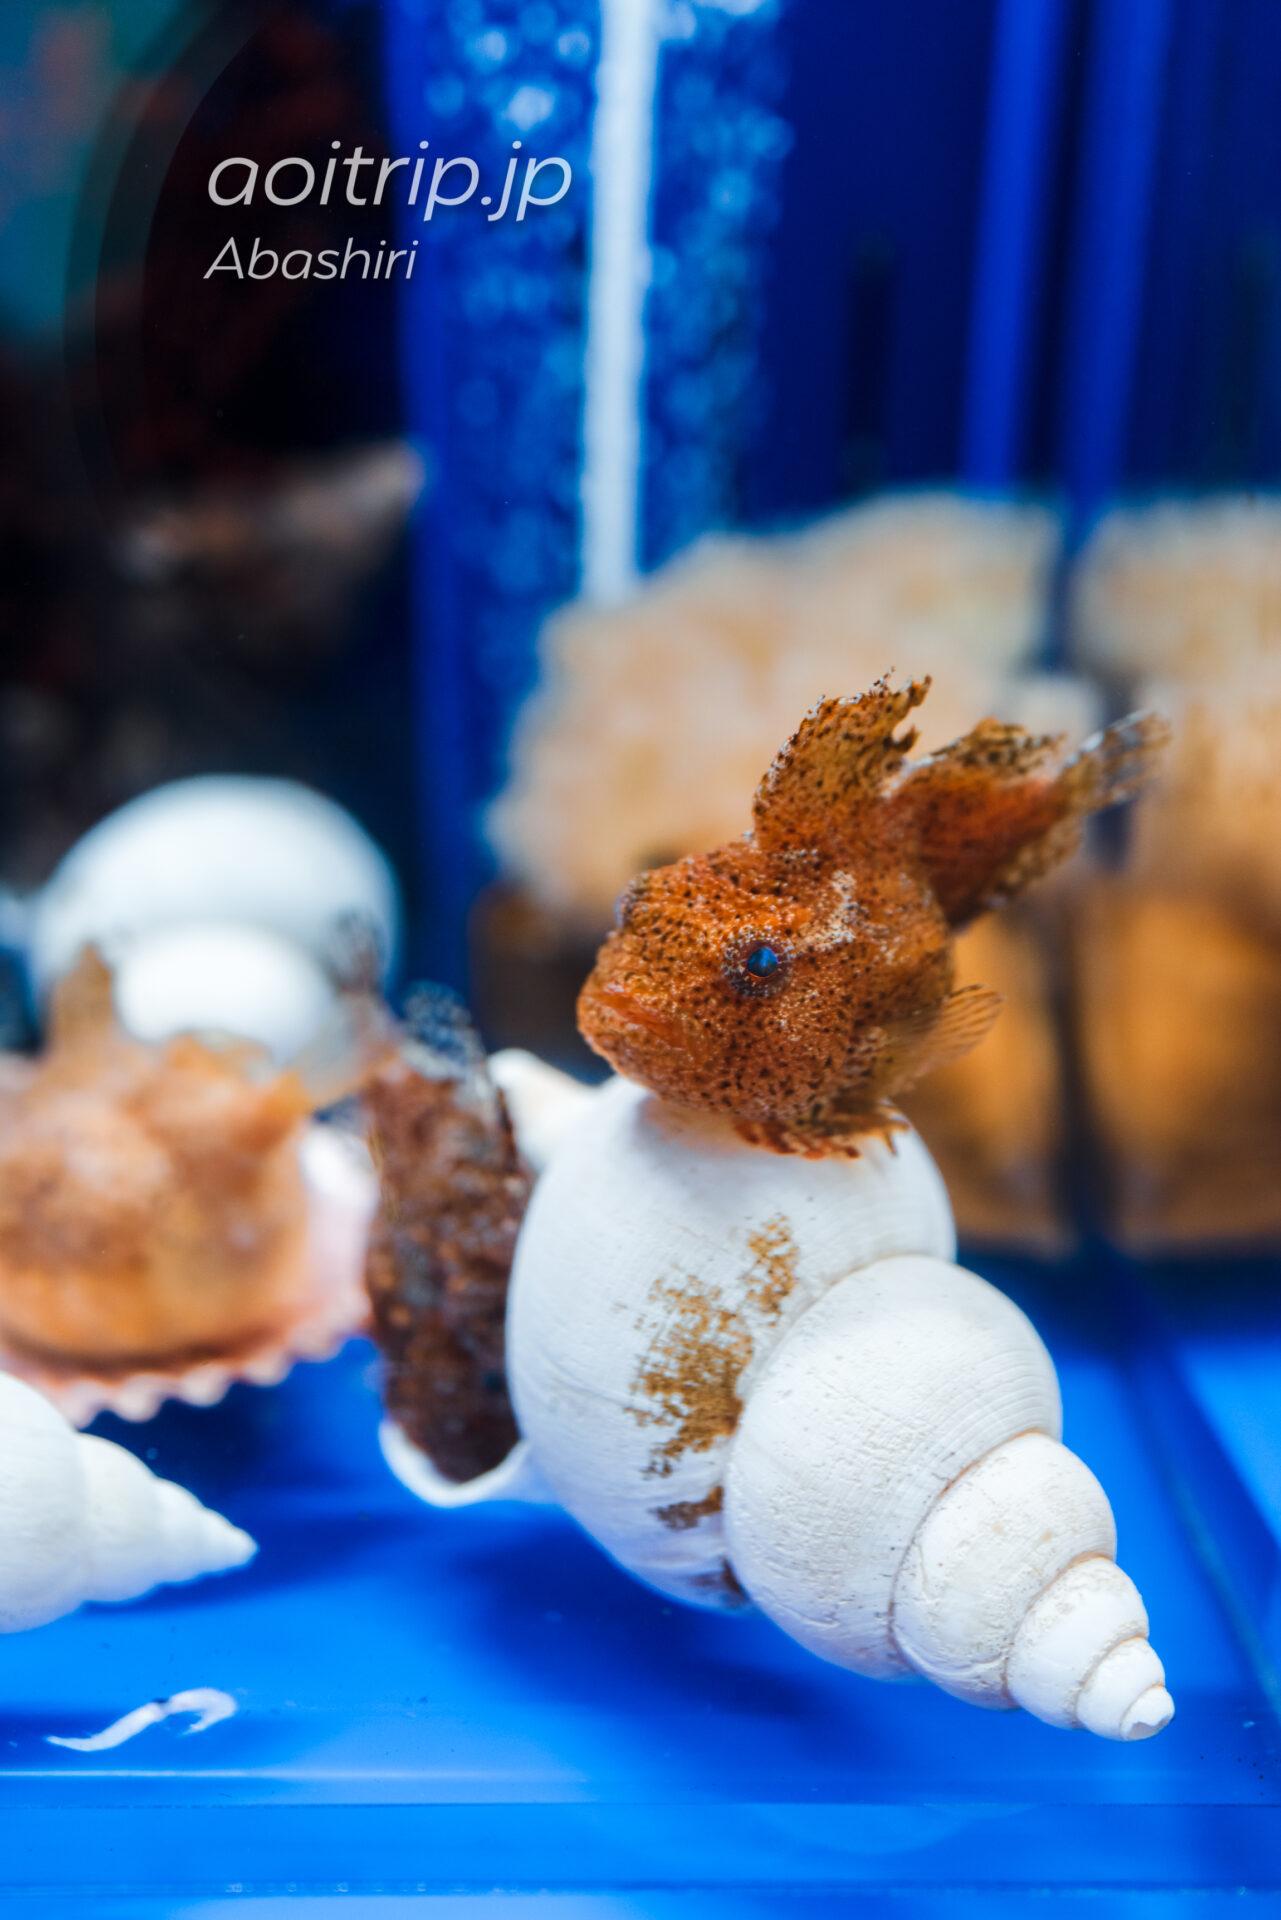 網走のオホーツク流氷館 Okhotsk Ryu-hyo Museum 流氷の海の生きもの Fish Tank with Life フウセンウオ